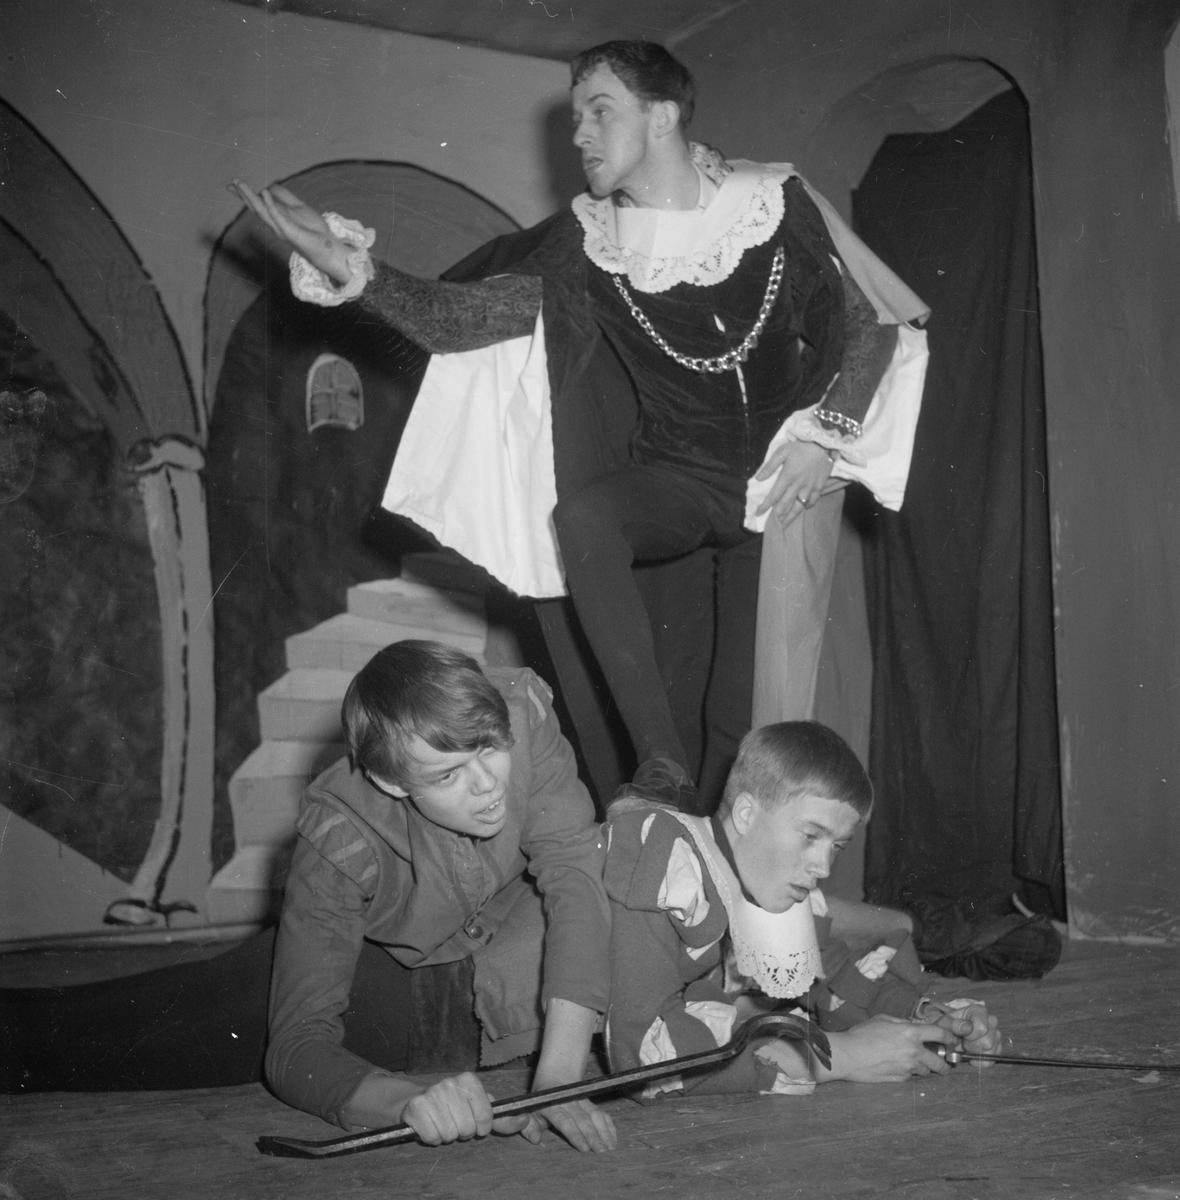 Stockholms nation, spex om Hamlet, Uppsala, mars 1954